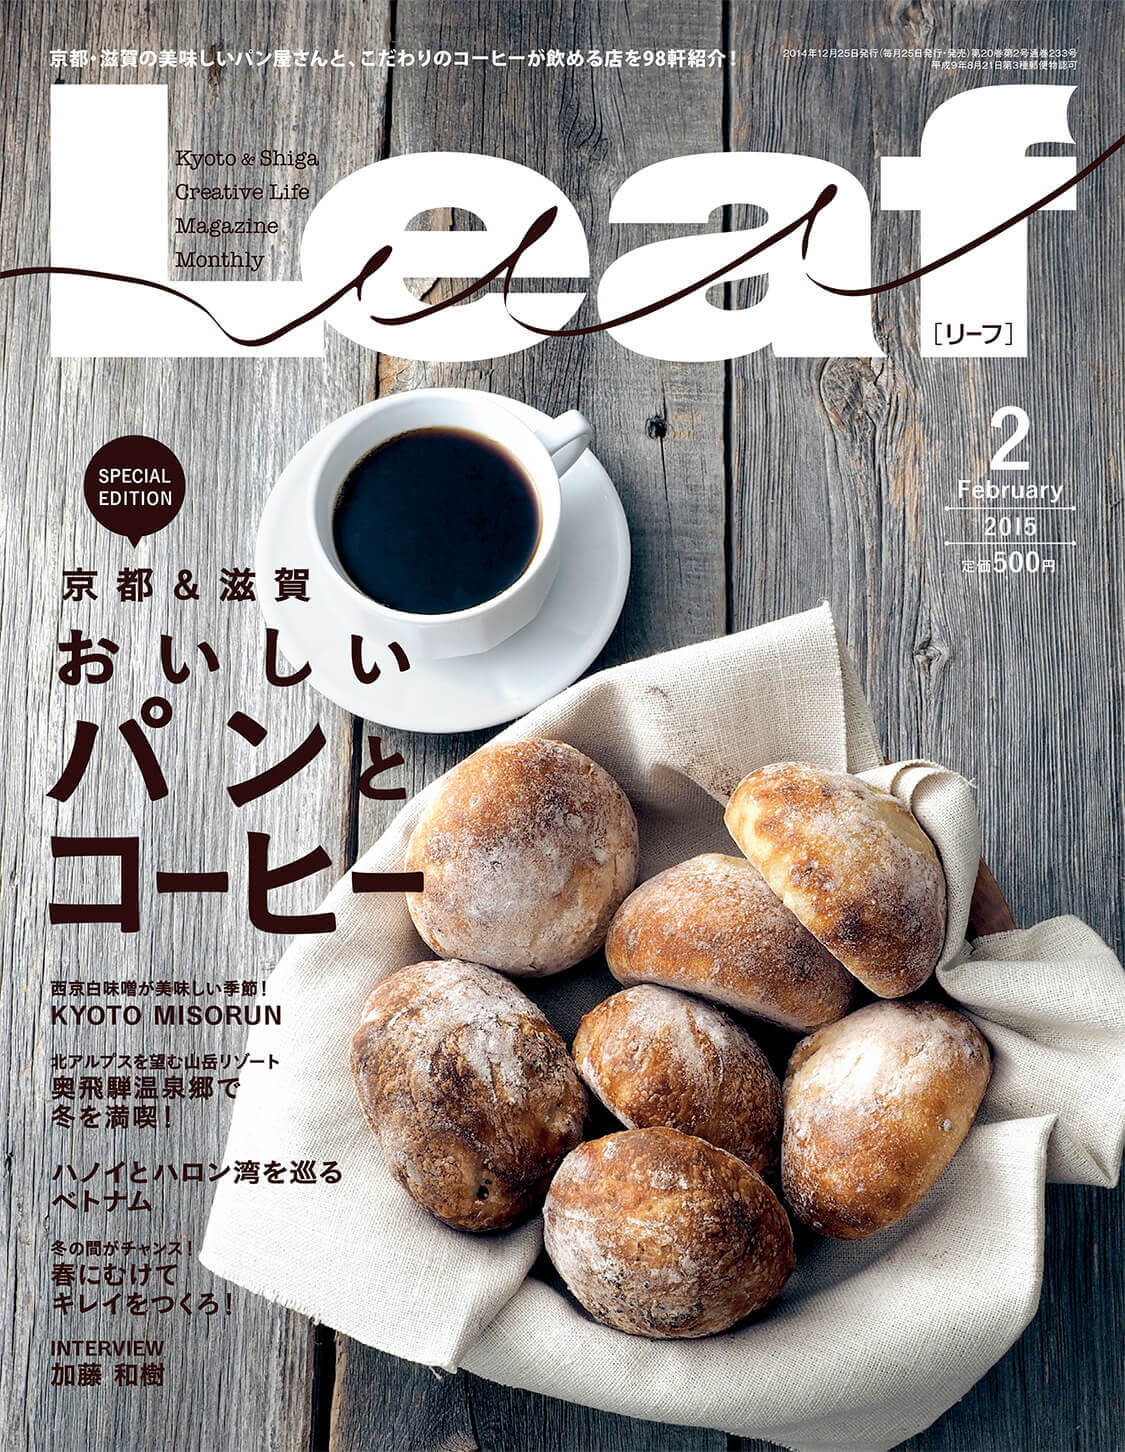 Leaf - 京都&滋賀 おいしいパンとコーヒー